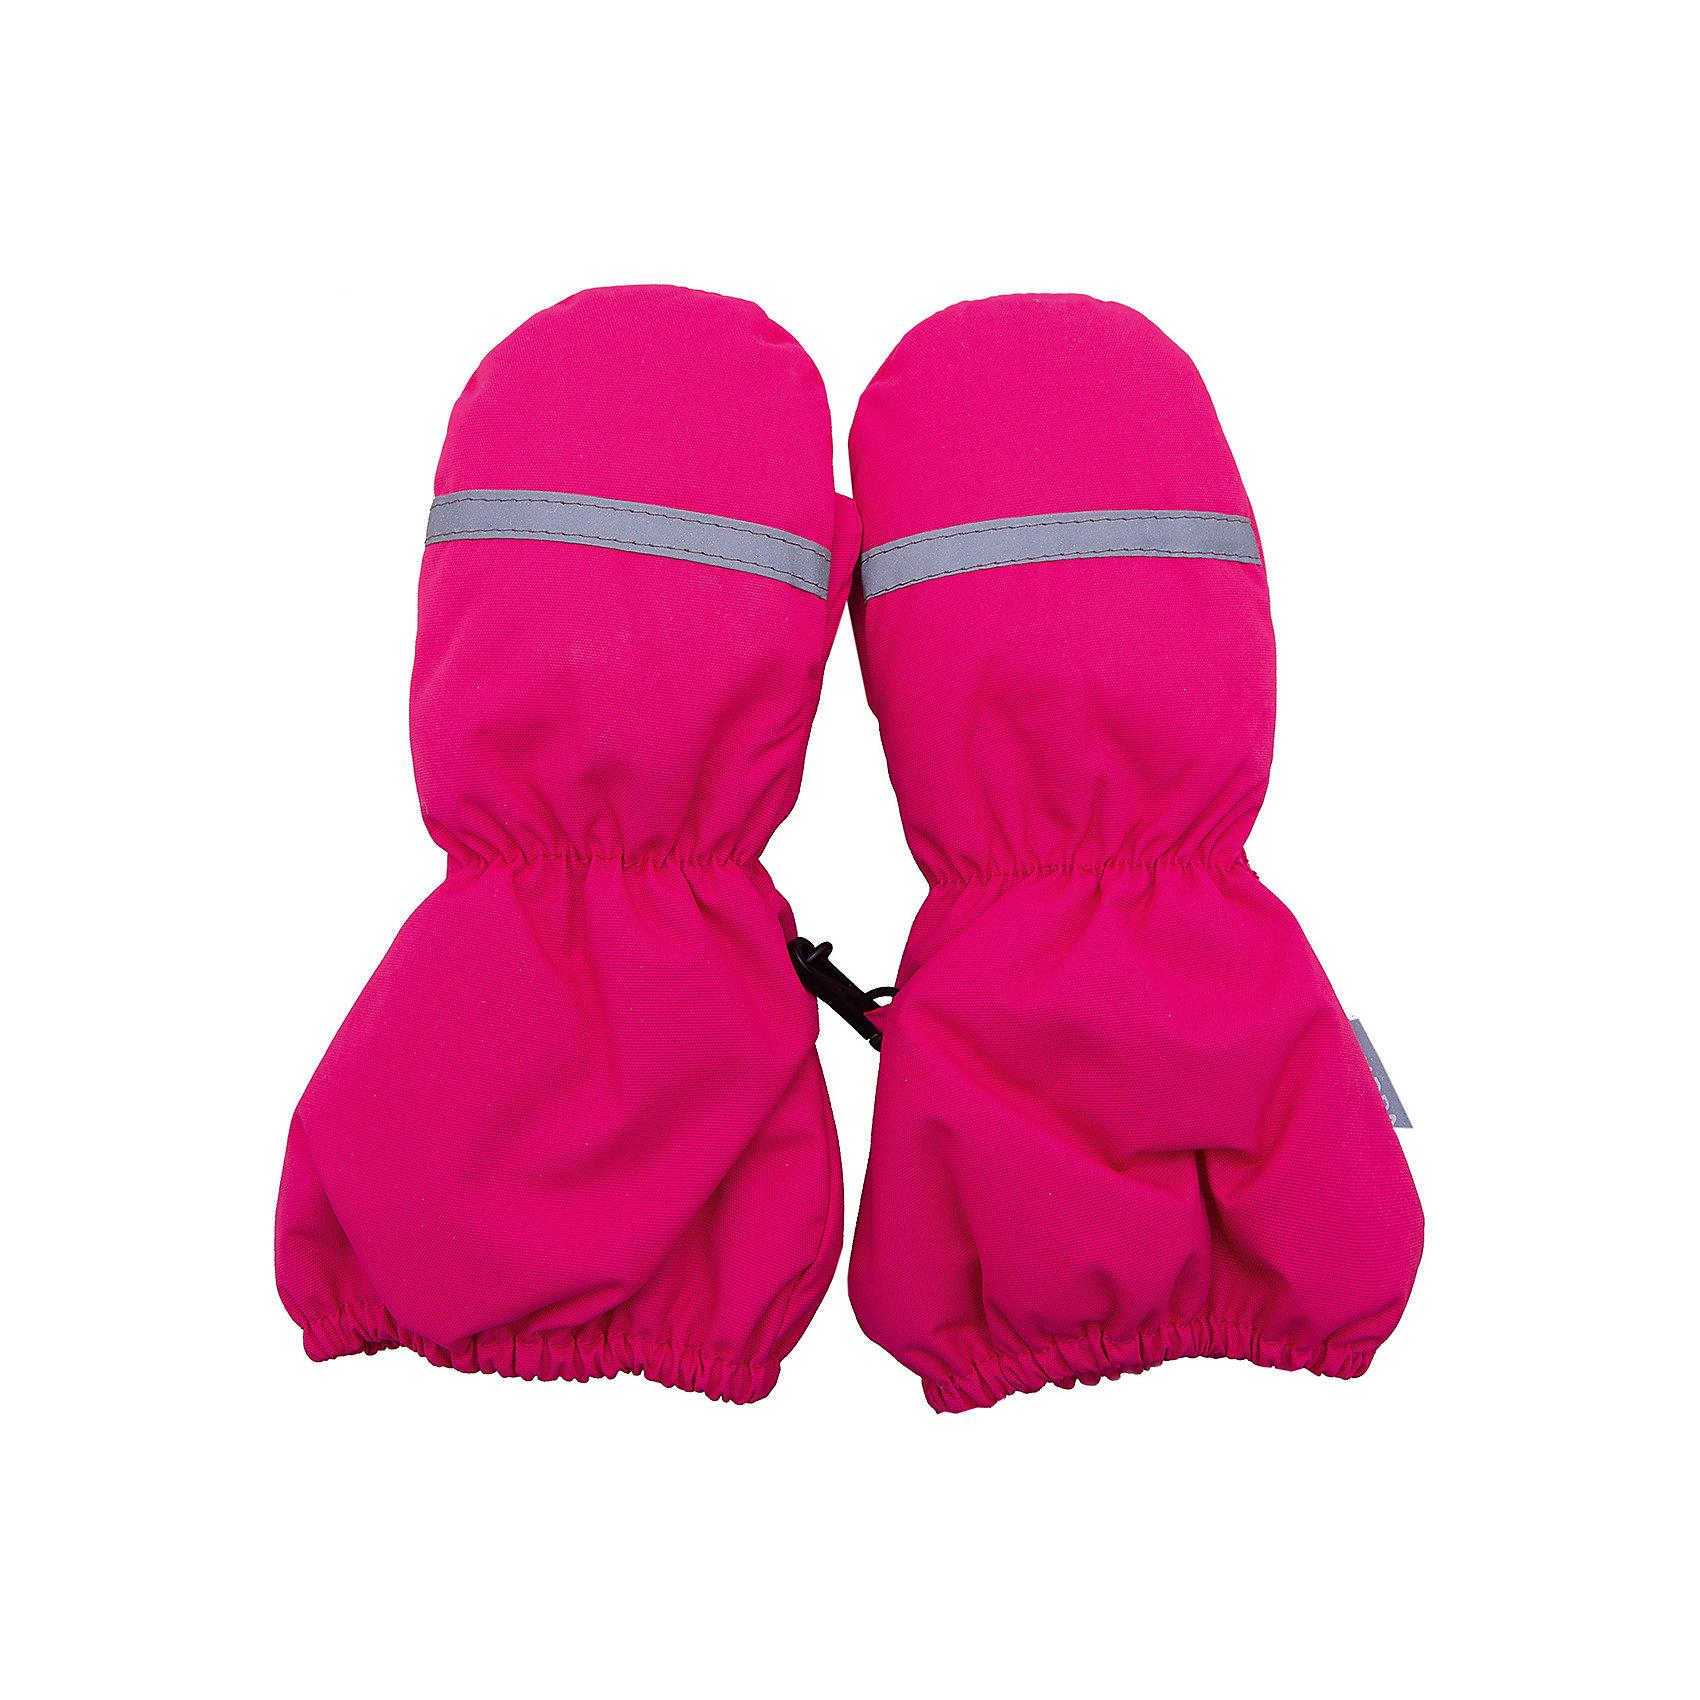 Варежки    HuppaПерчатки, варежки<br>Классические зимние варежки Ron от Huppa(Хуппа).<br><br>Утеплитель: 100% полиэстер, 90 гр.<br><br>Температурный режим: до -20 градусов. Степень утепления – средняя. <br><br>* Температурный режим указан приблизительно — необходимо, прежде всего, ориентироваться на ощущения ребенка. Температурный режим работает в случае соблюдения правила многослойности – использования флисовой поддевы и термобелья.<br><br>Изготовлены из полиэстера, приятного телу. Имеют светоотражающие полоски, резинки на запястье и основании, благодаря которым варежки будут хорошо держаться на руках. С помощью боковых зажимов, варежки можно соединить после прогулки. Прекрасный выбор для прогулок зимой.<br><br>Дополнительная информация:<br>Цвет: розовый<br>Материал: 100% полиэстер<br>Подкладка: pritex, 100% полиэстер<br><br>Вы можете купить варежки Ron Huppa в нашем интернет-магазине.<br><br>Ширина мм: 162<br>Глубина мм: 171<br>Высота мм: 55<br>Вес г: 119<br>Цвет: розовый<br>Возраст от месяцев: 0<br>Возраст до месяцев: 12<br>Пол: Женский<br>Возраст: Детский<br>Размер: 0,5,3,1,2,4<br>SKU: 4923684